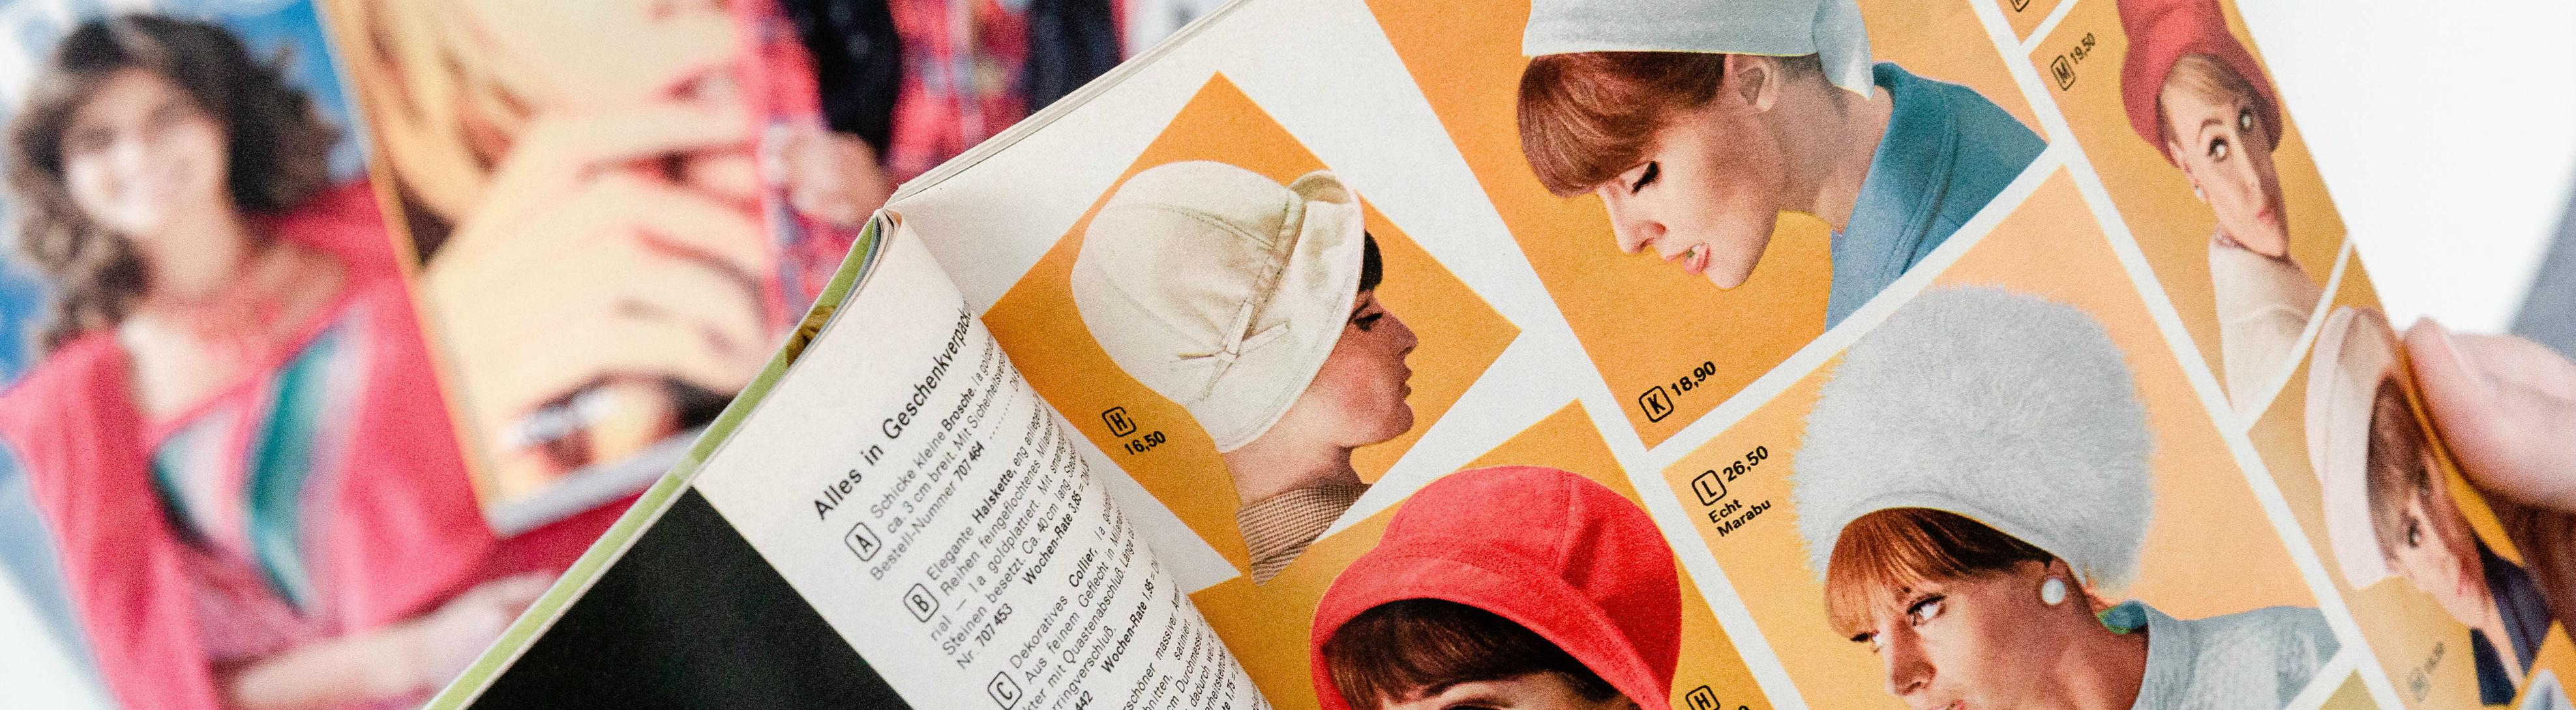 Eine Frau liest in einem Otto-Katalog.